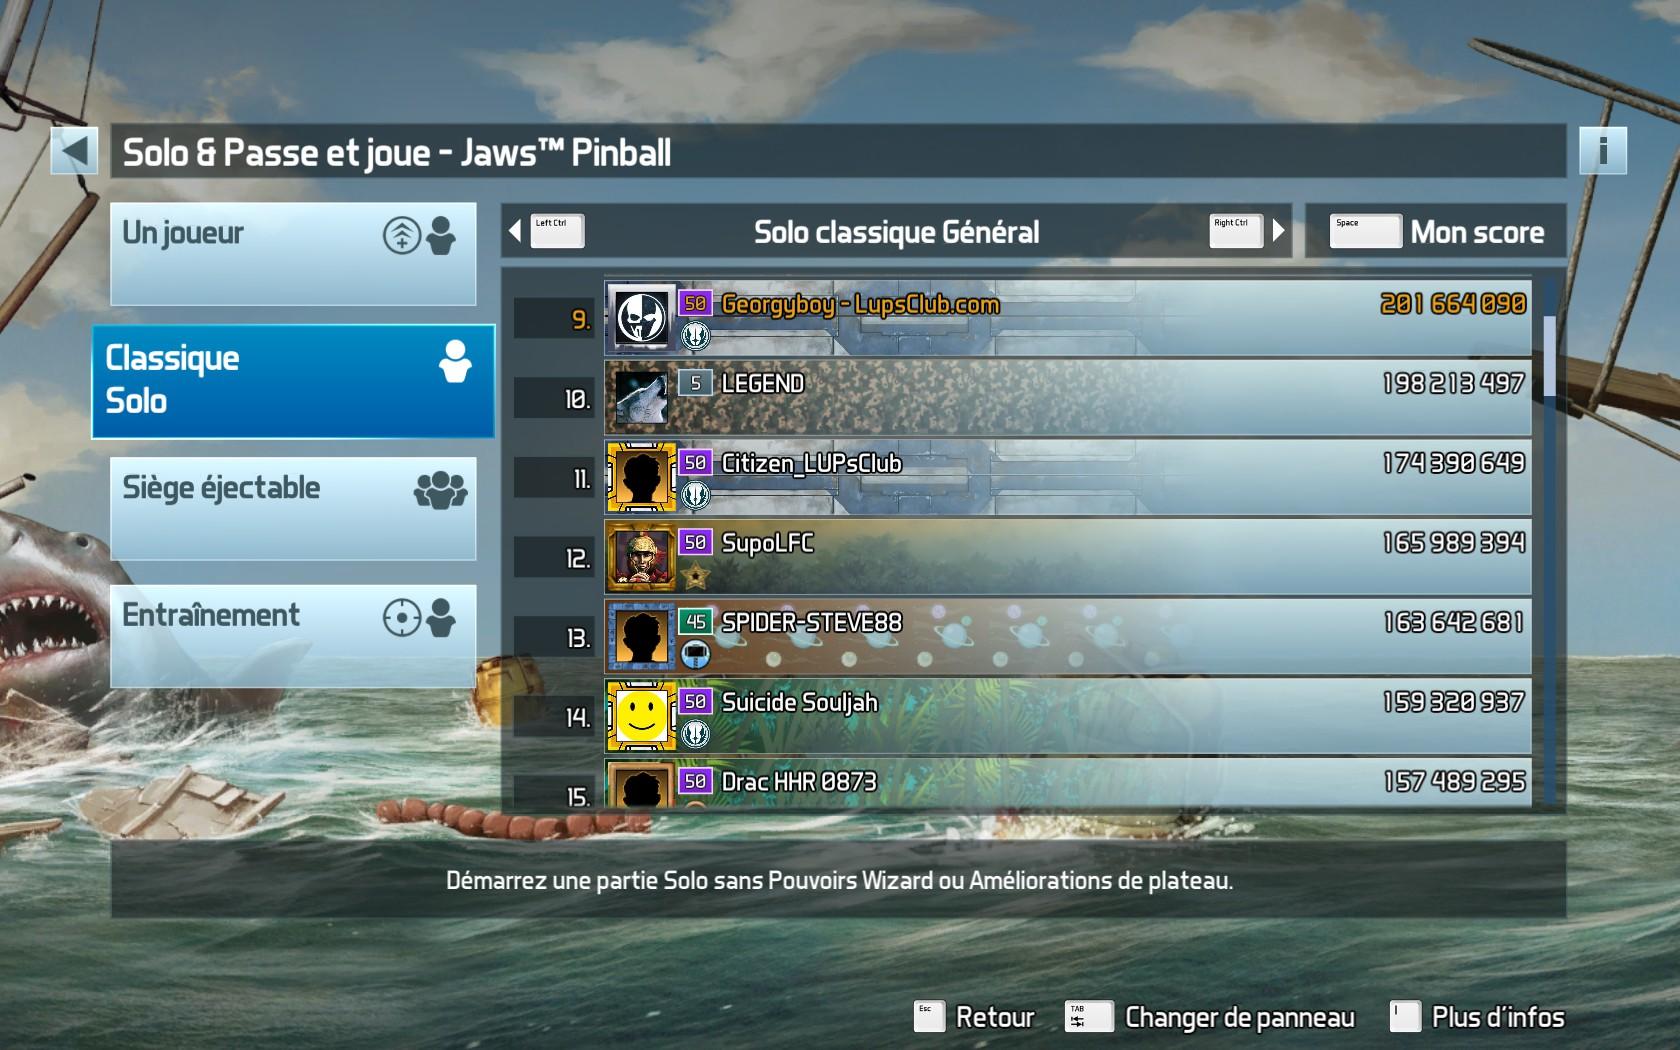 LUP's Club TdM 08-09.18 : Îles & Océans • Ahch-To Island, Jaws, Secrets of the Deep - Page 6 02C48D0B18F032A480F7A7E462B3064BD73FB195